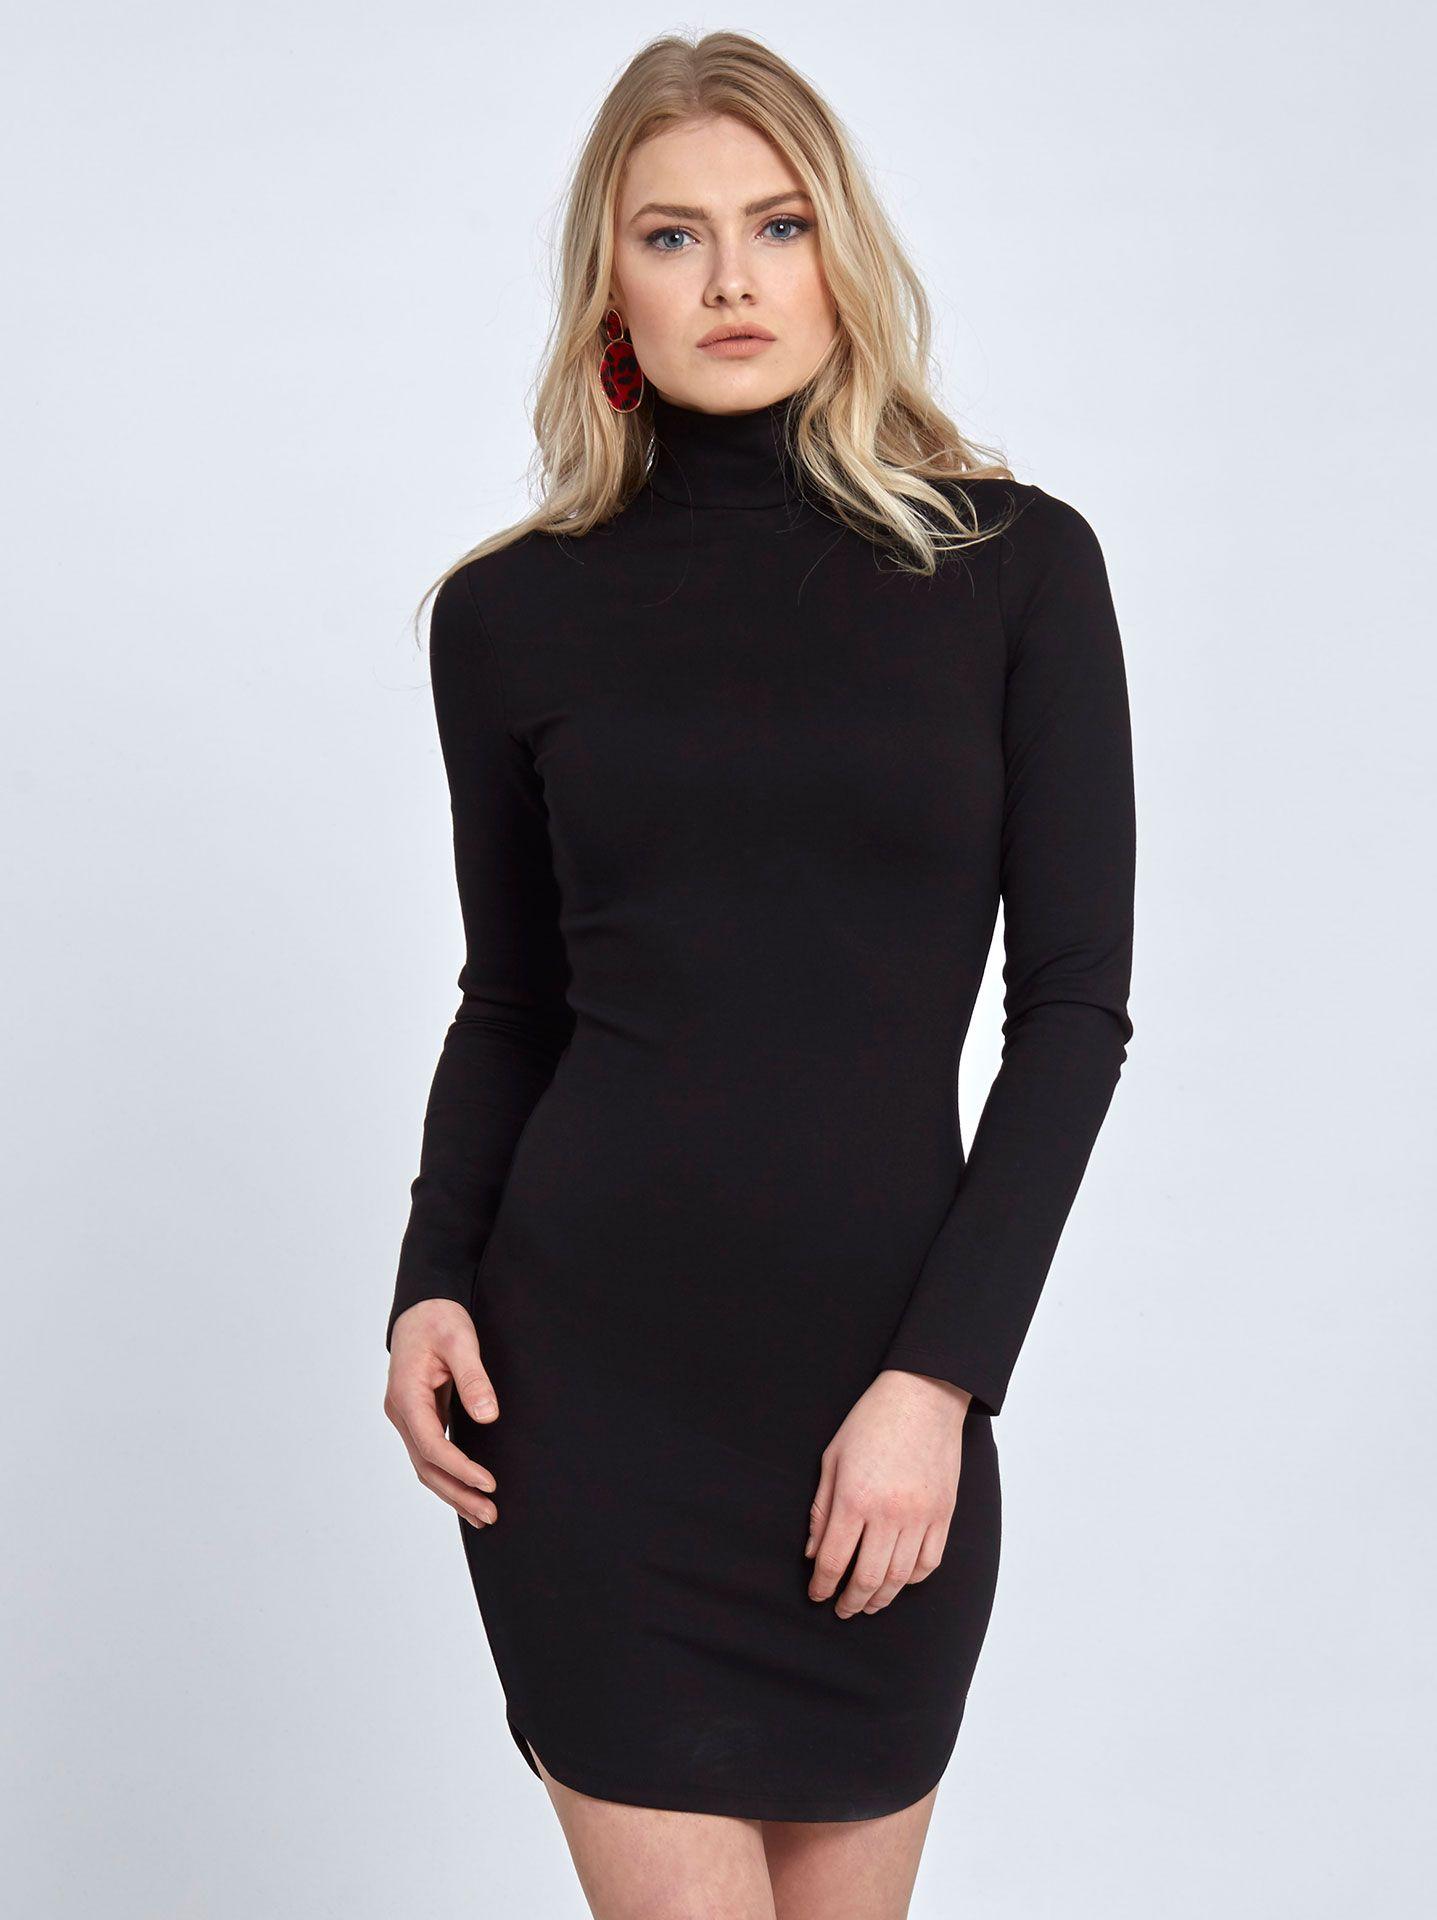 bb90ced482d5 Μίνι ζιβάγκο μαύρο φόρεμα